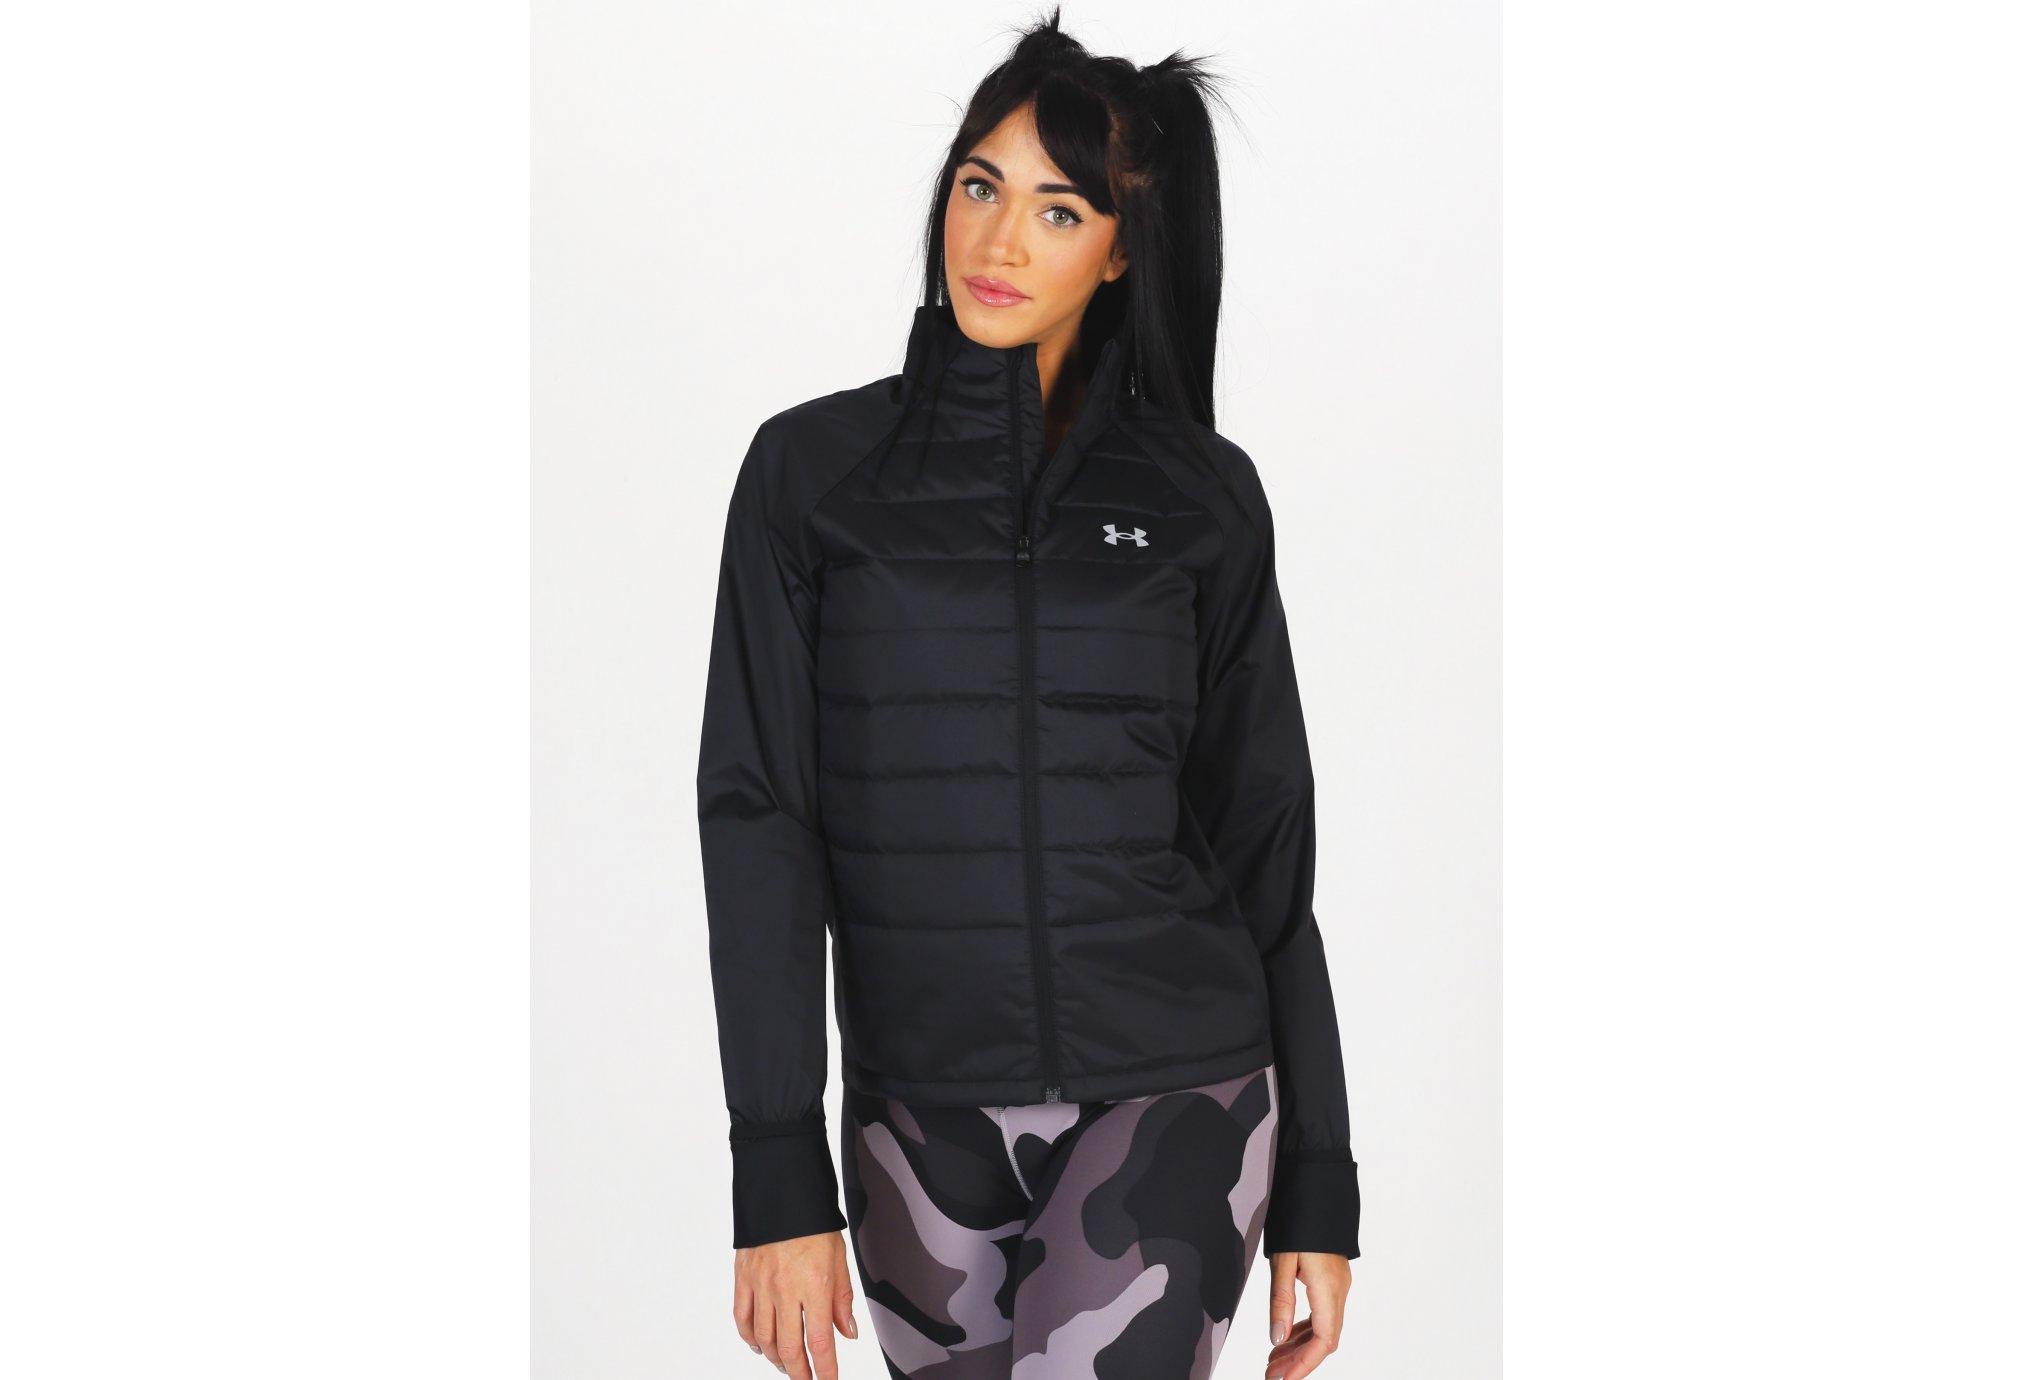 Under Armour Run Insulate Hybrid W vêtement running femme